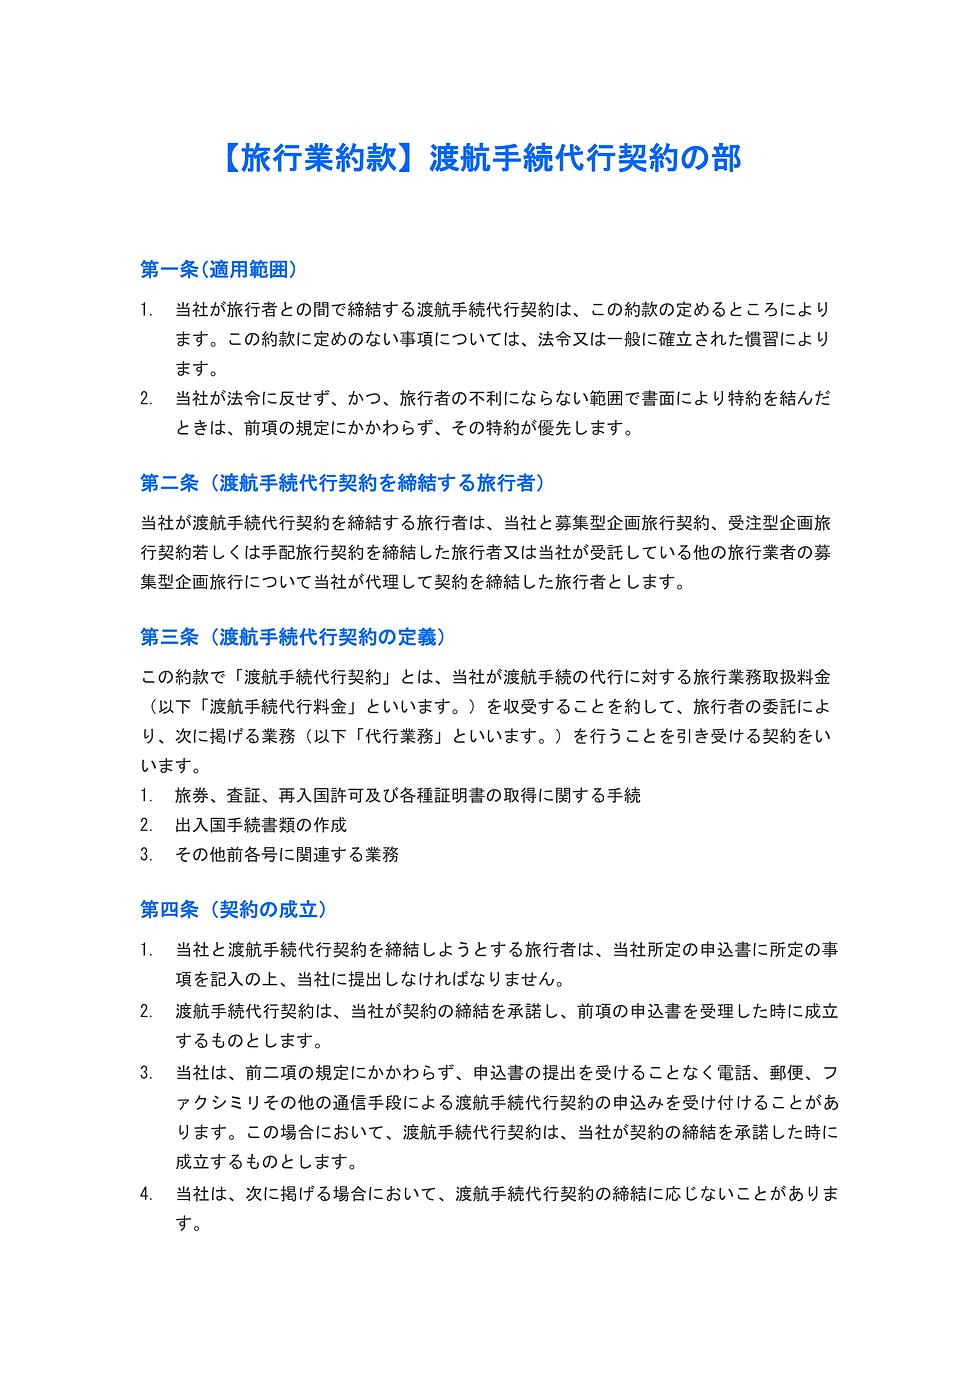 渡航手続代行契約と個人情報の保護-1.png